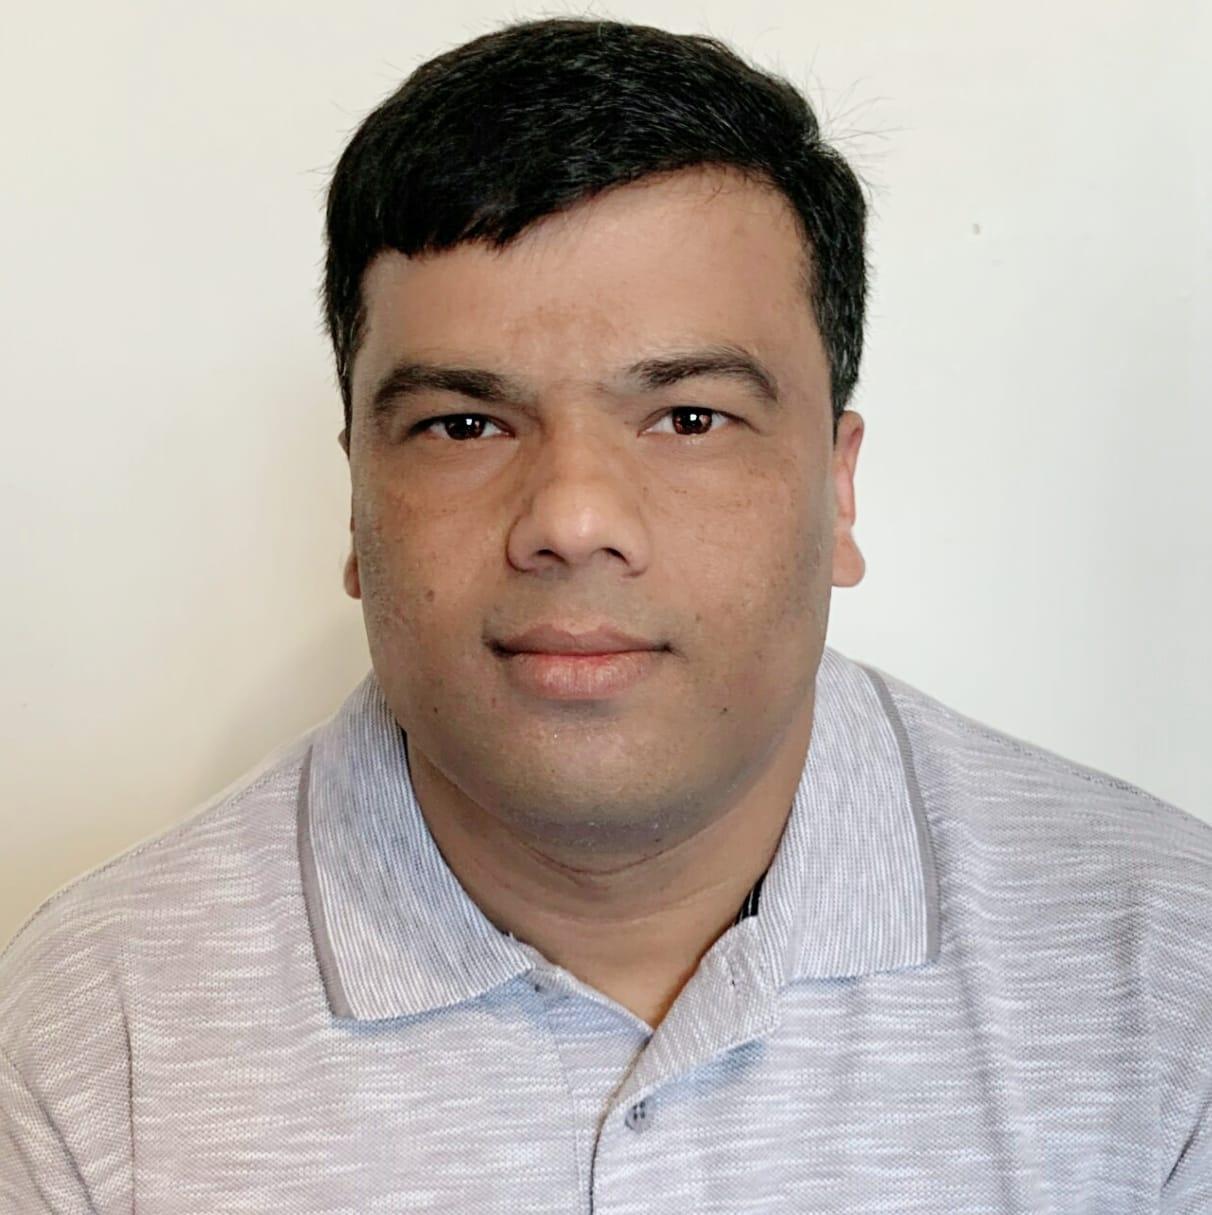 Dilli Sharma